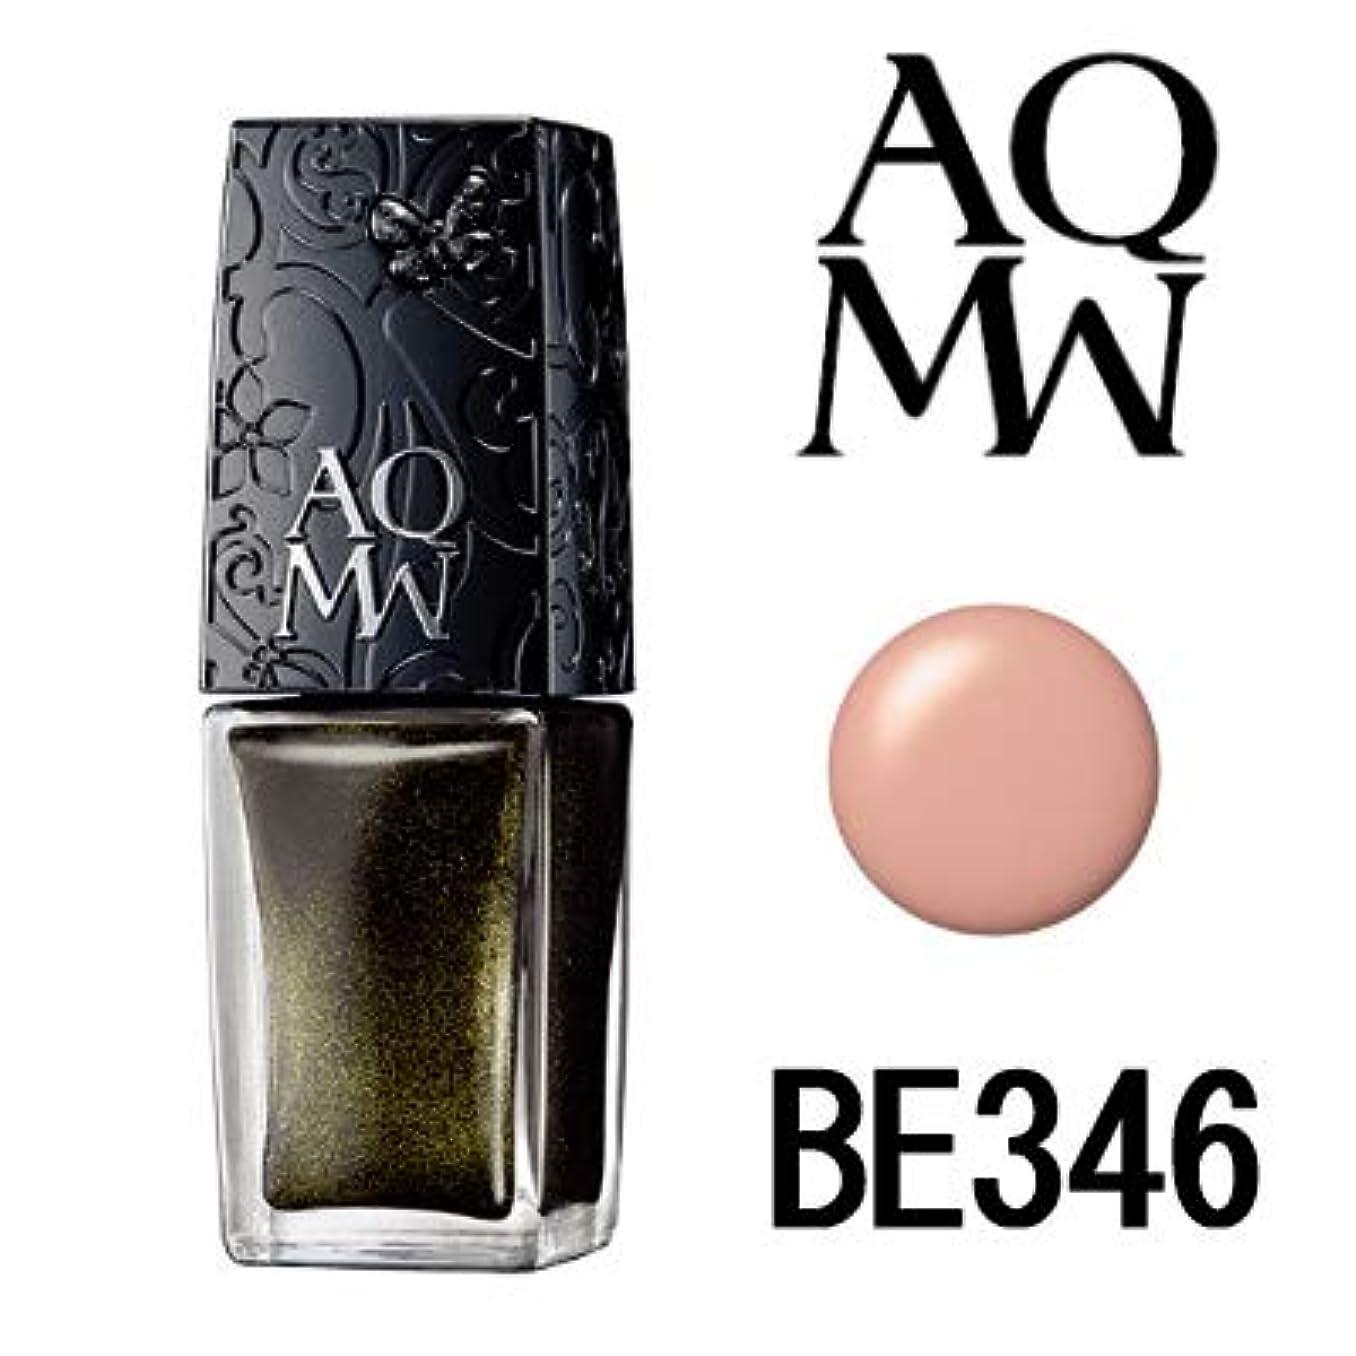 アベニュー匹敵します水分コーセー AQ MW ネイルエナメル (BE346) 7ml コスメデコルテ